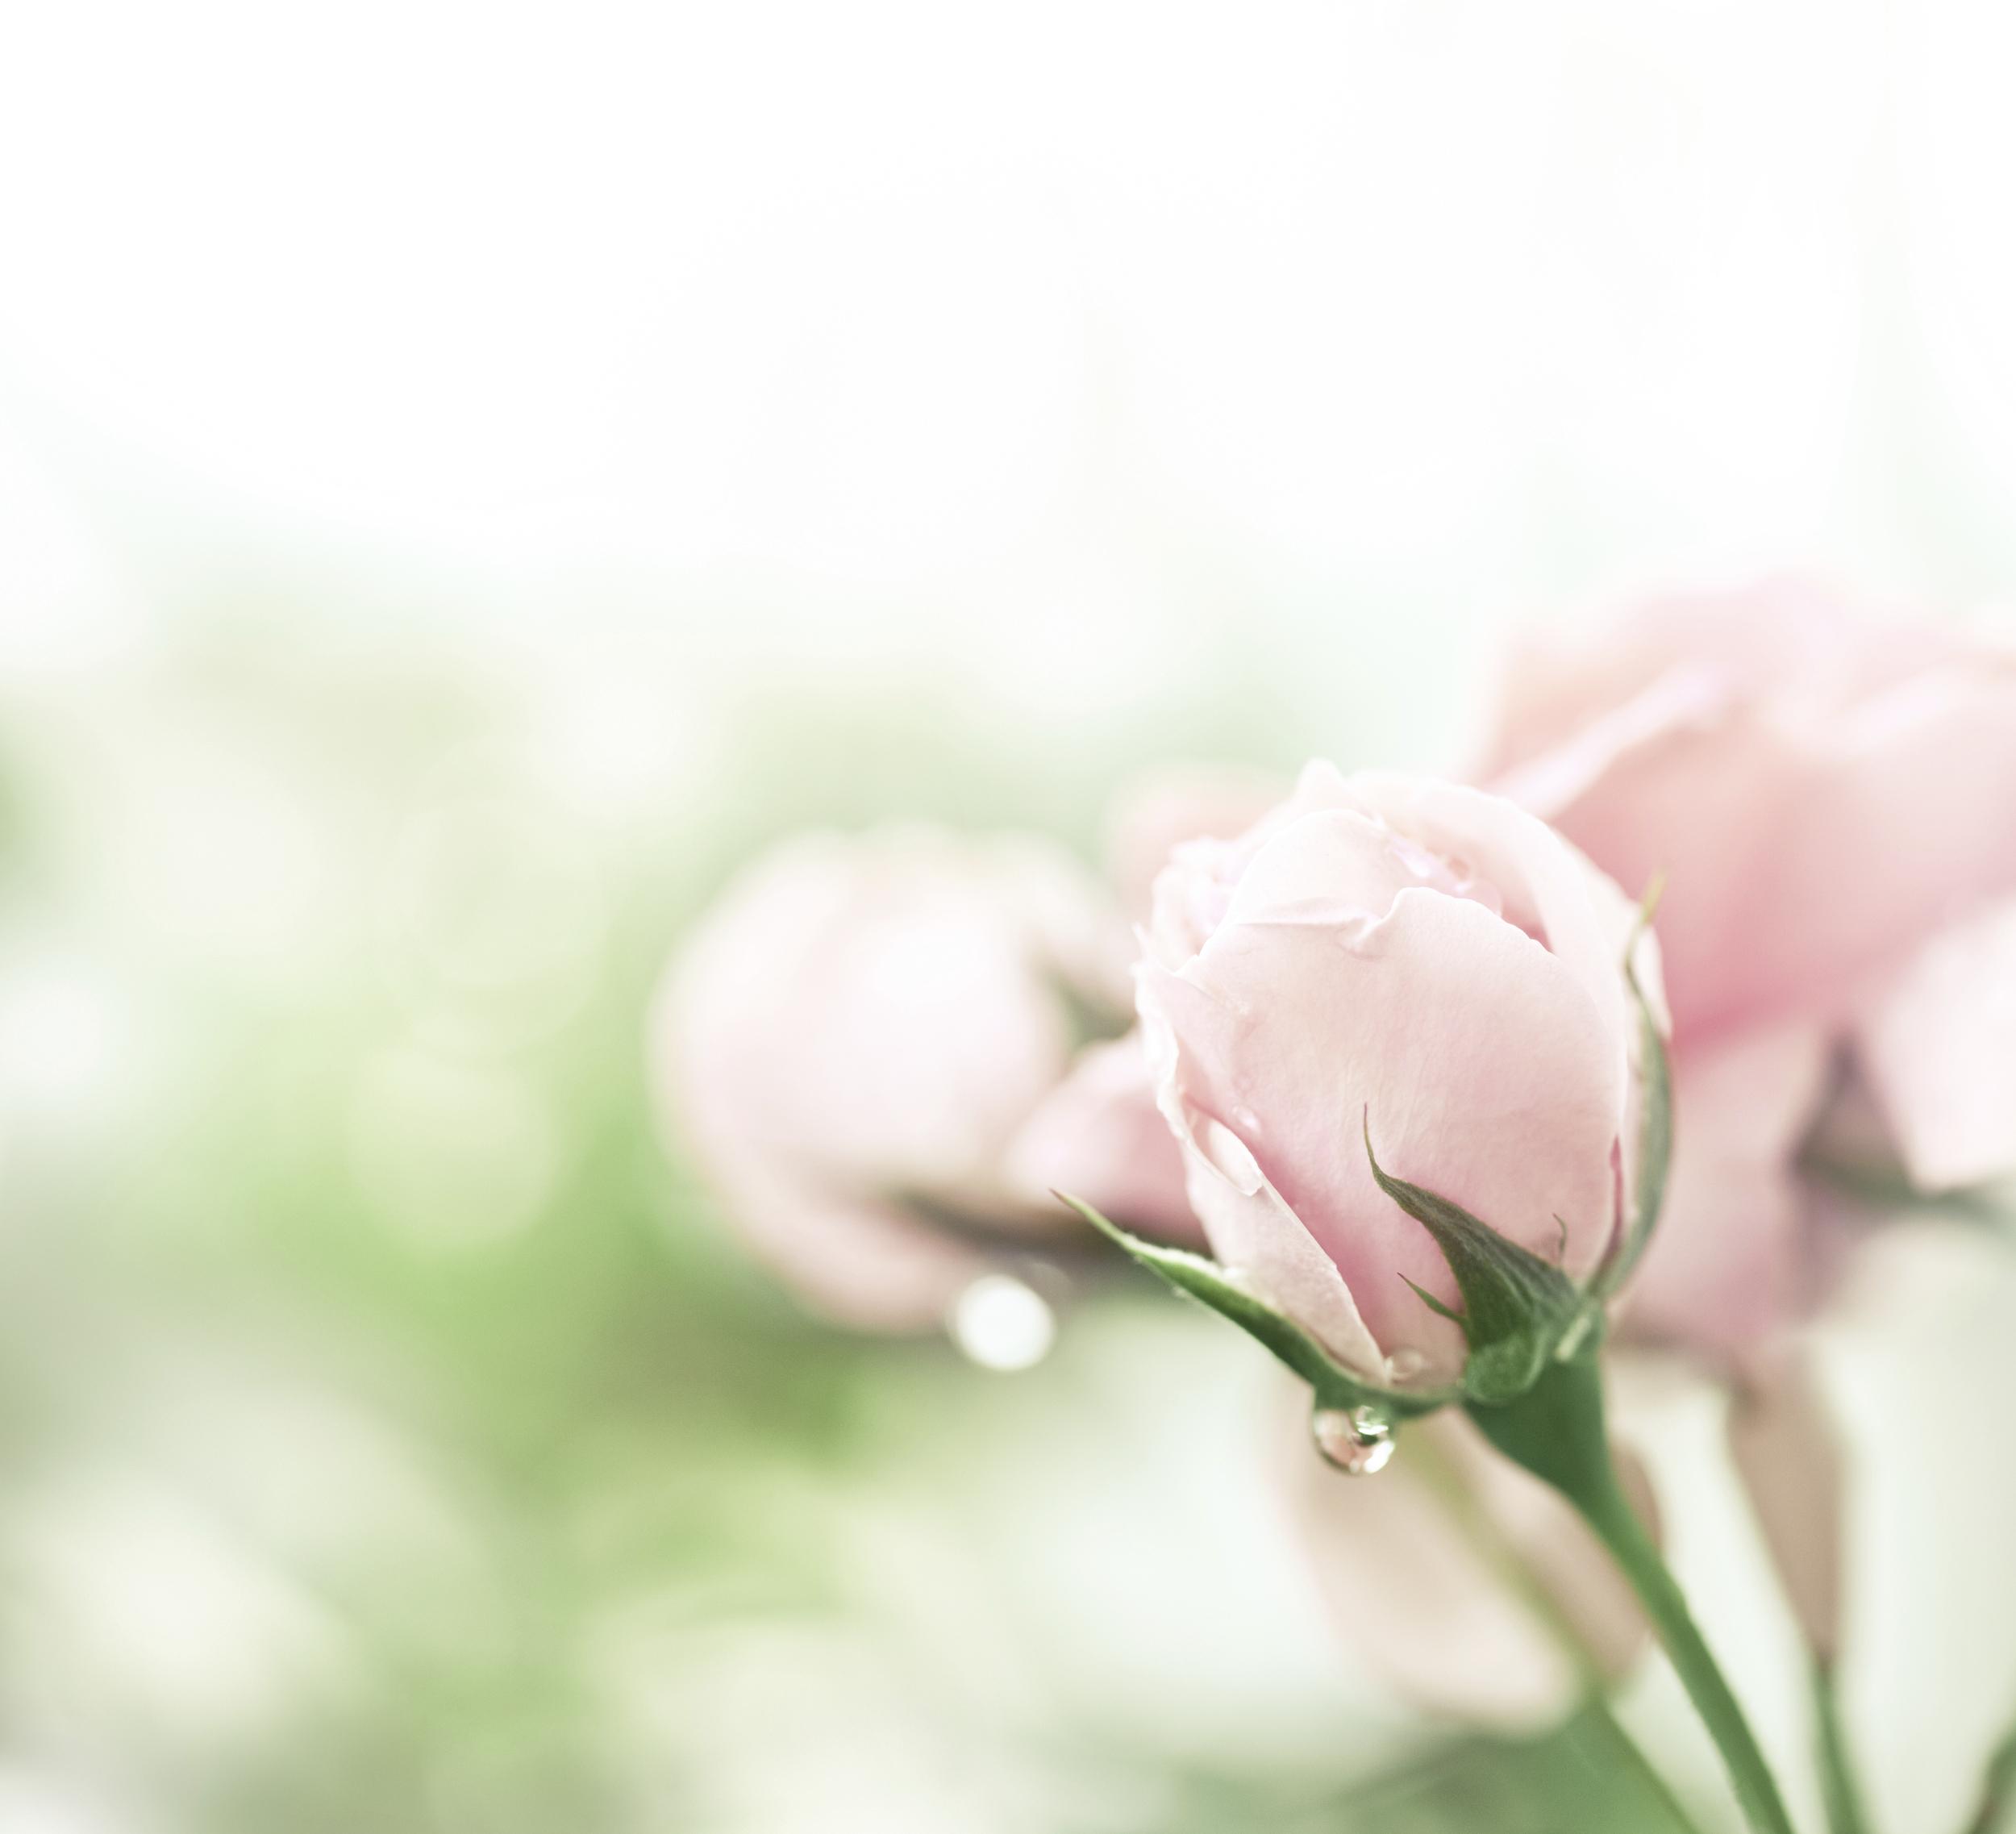 Flower Rose June 19099486_Full.jpg